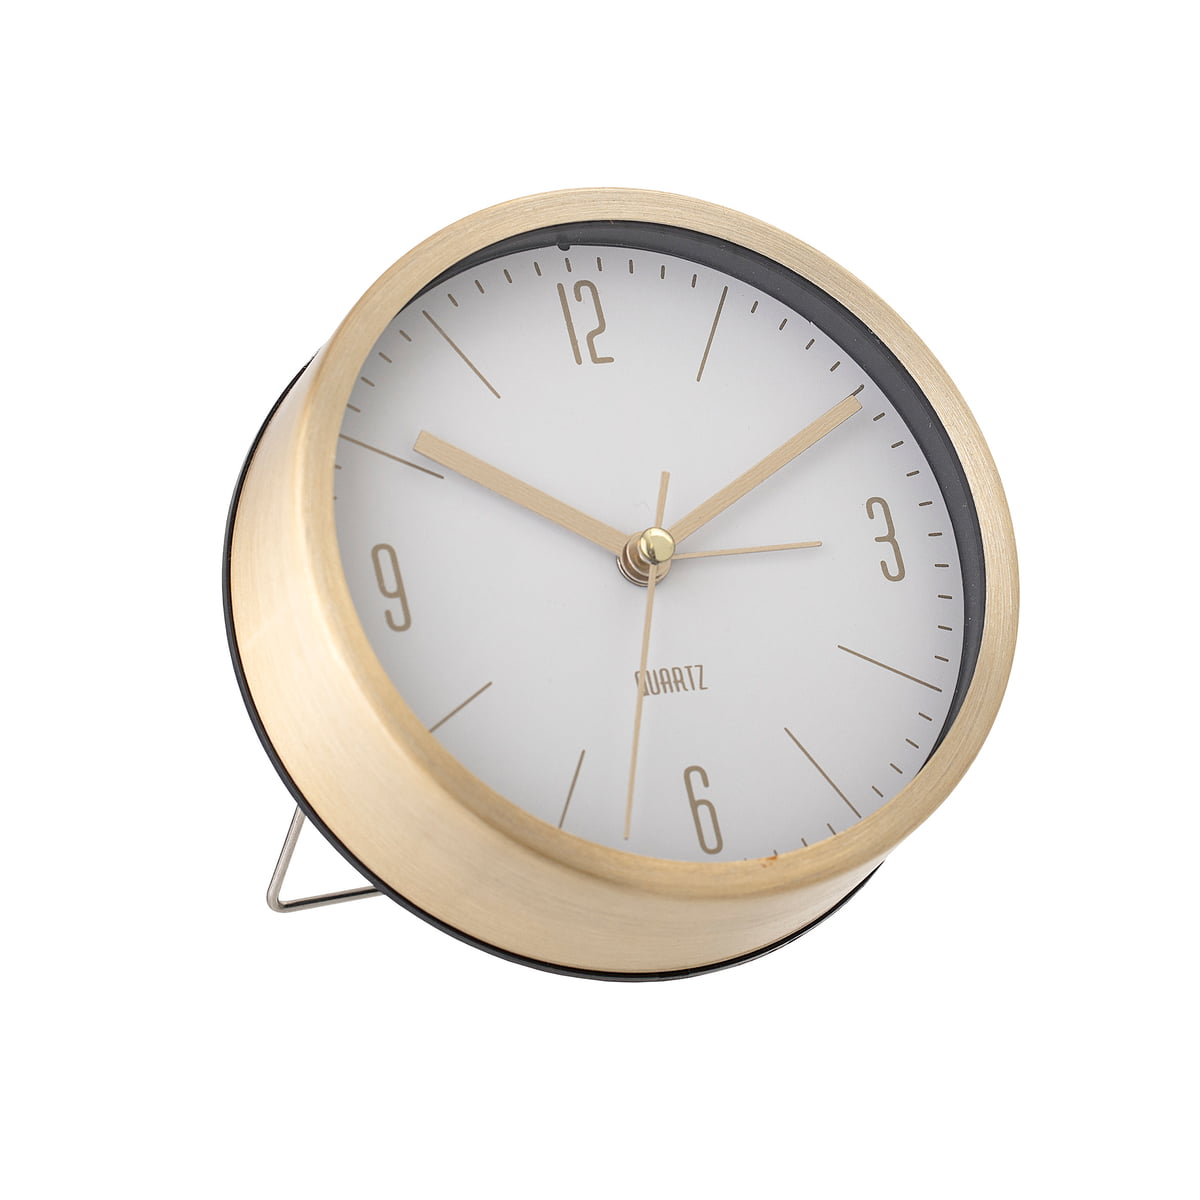 Bloomingville - Tischuhr, Ø 11,5 x 4 cm, gold / weiß | Dekoration > Uhren > Standuhren | Bloomingville